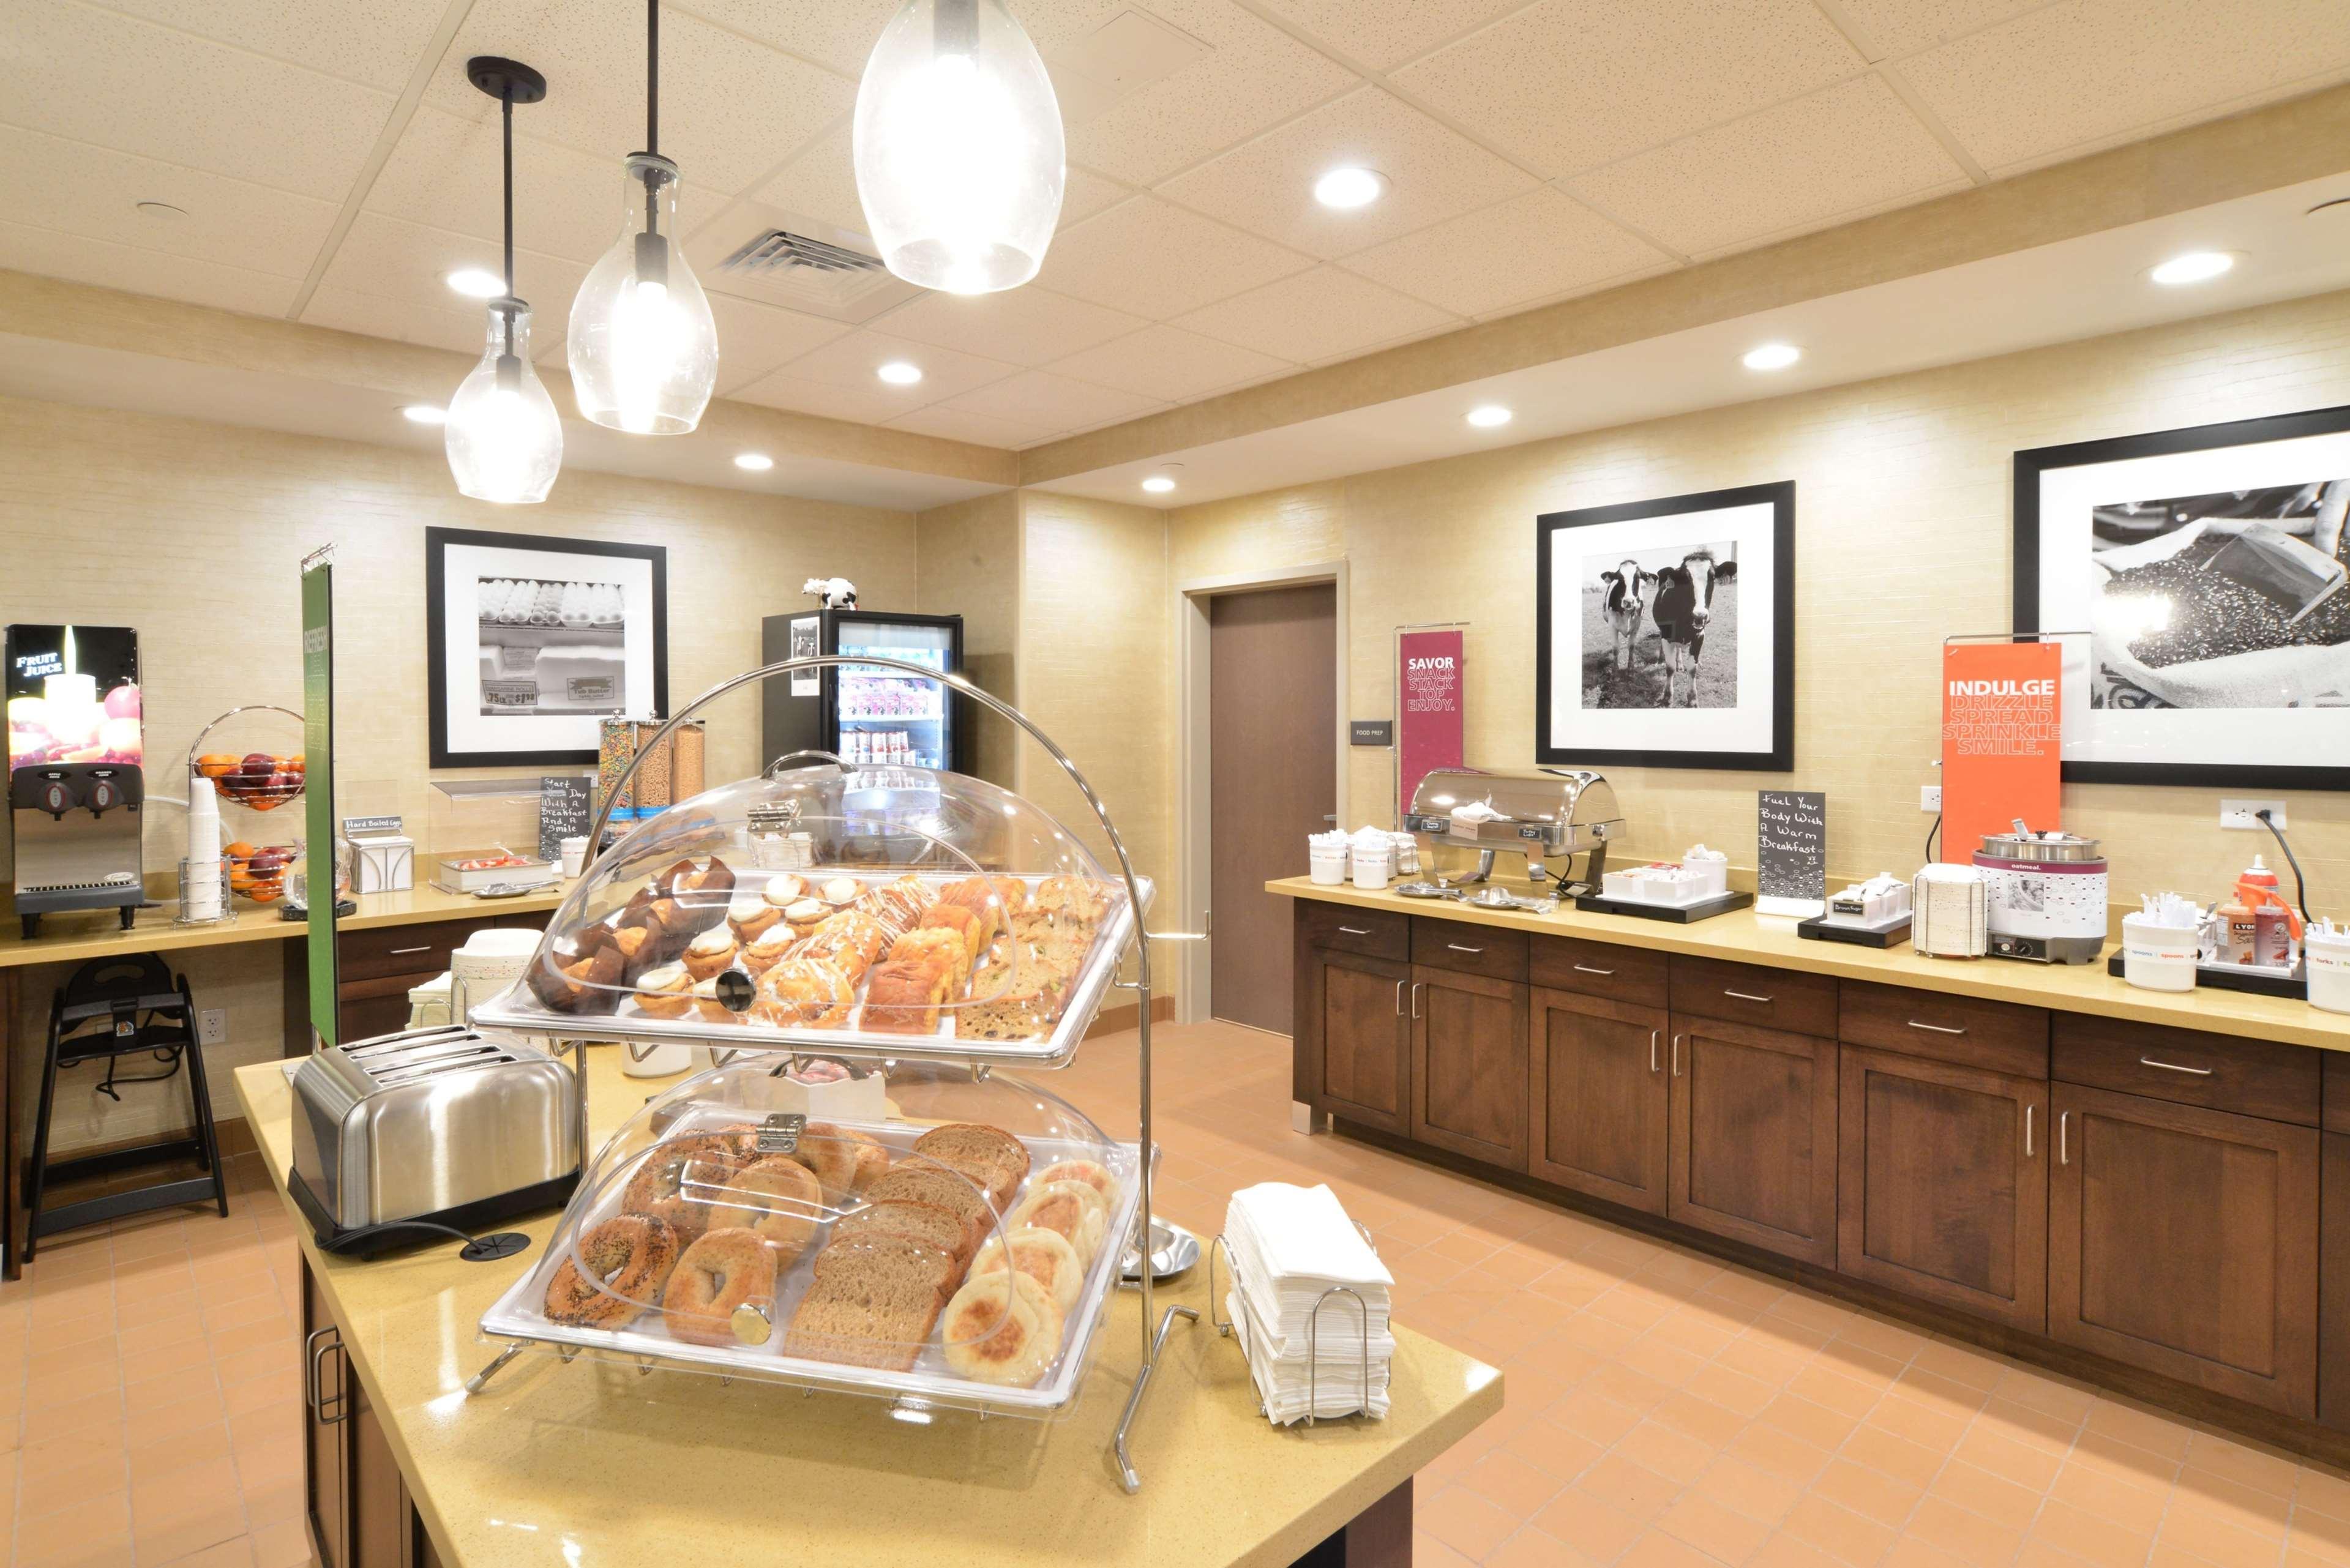 Hampton Inn & Suites Menomonie-UW Stout image 3